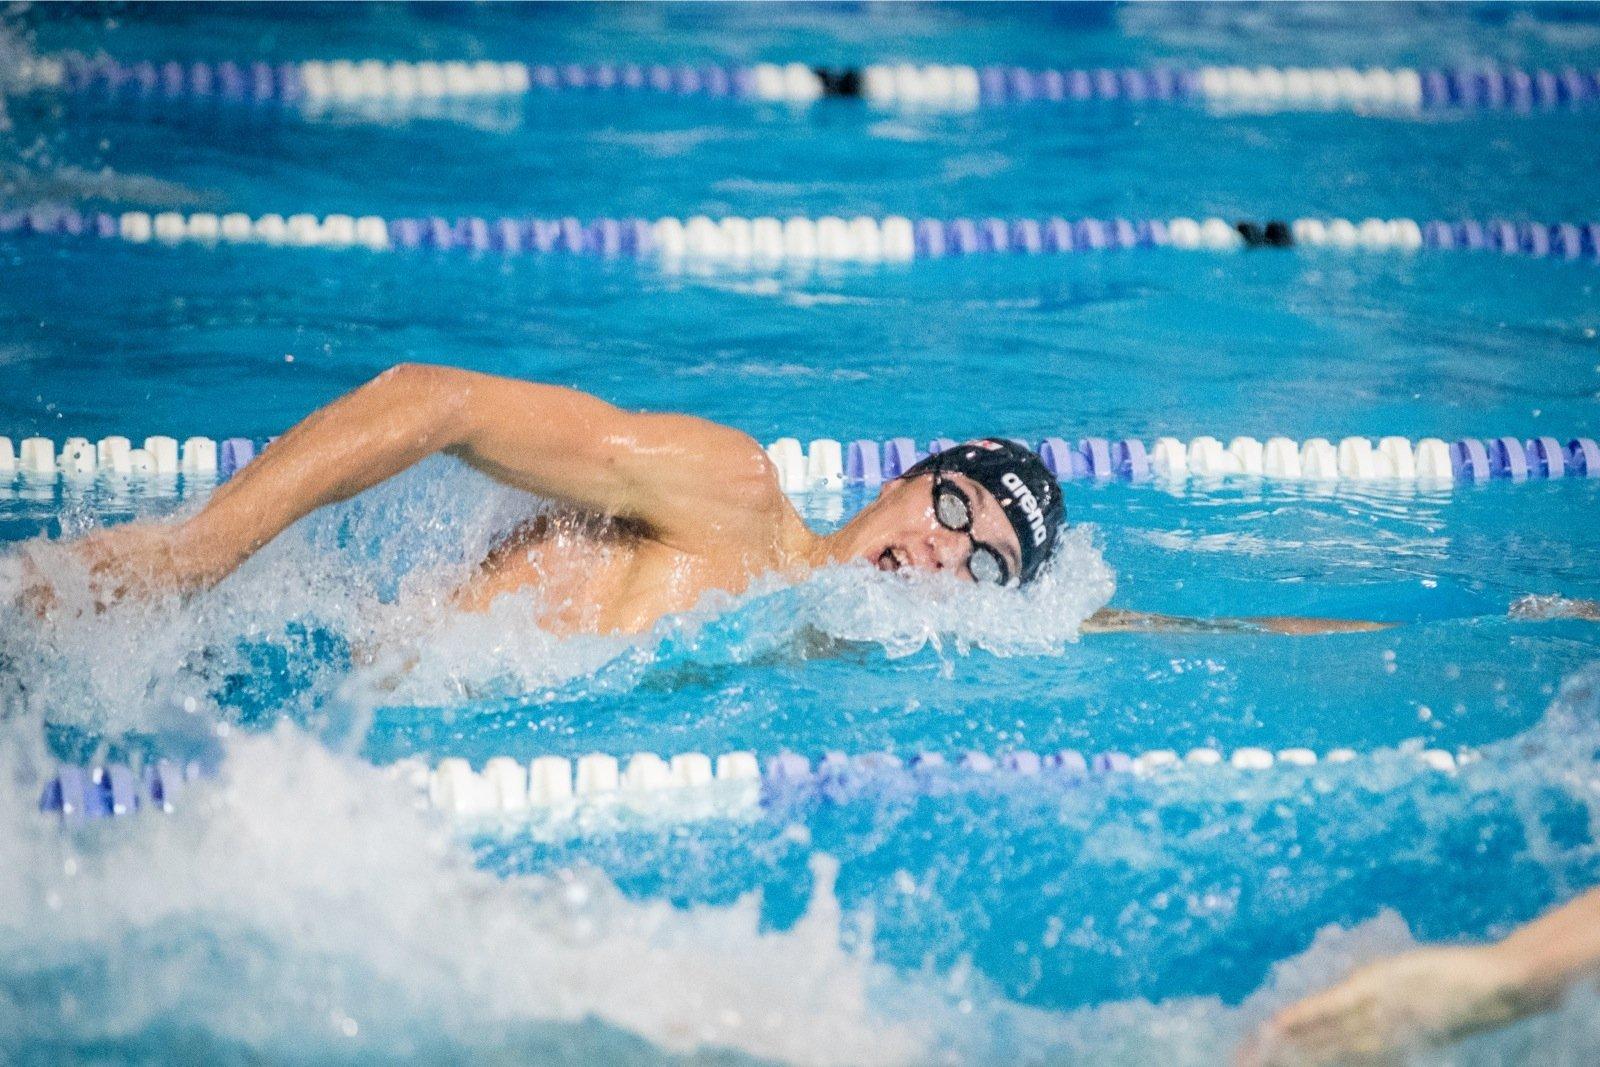 Eesti ujuja Ralf Tribuntsov püstitas mastersite klassis maailmarekordi: